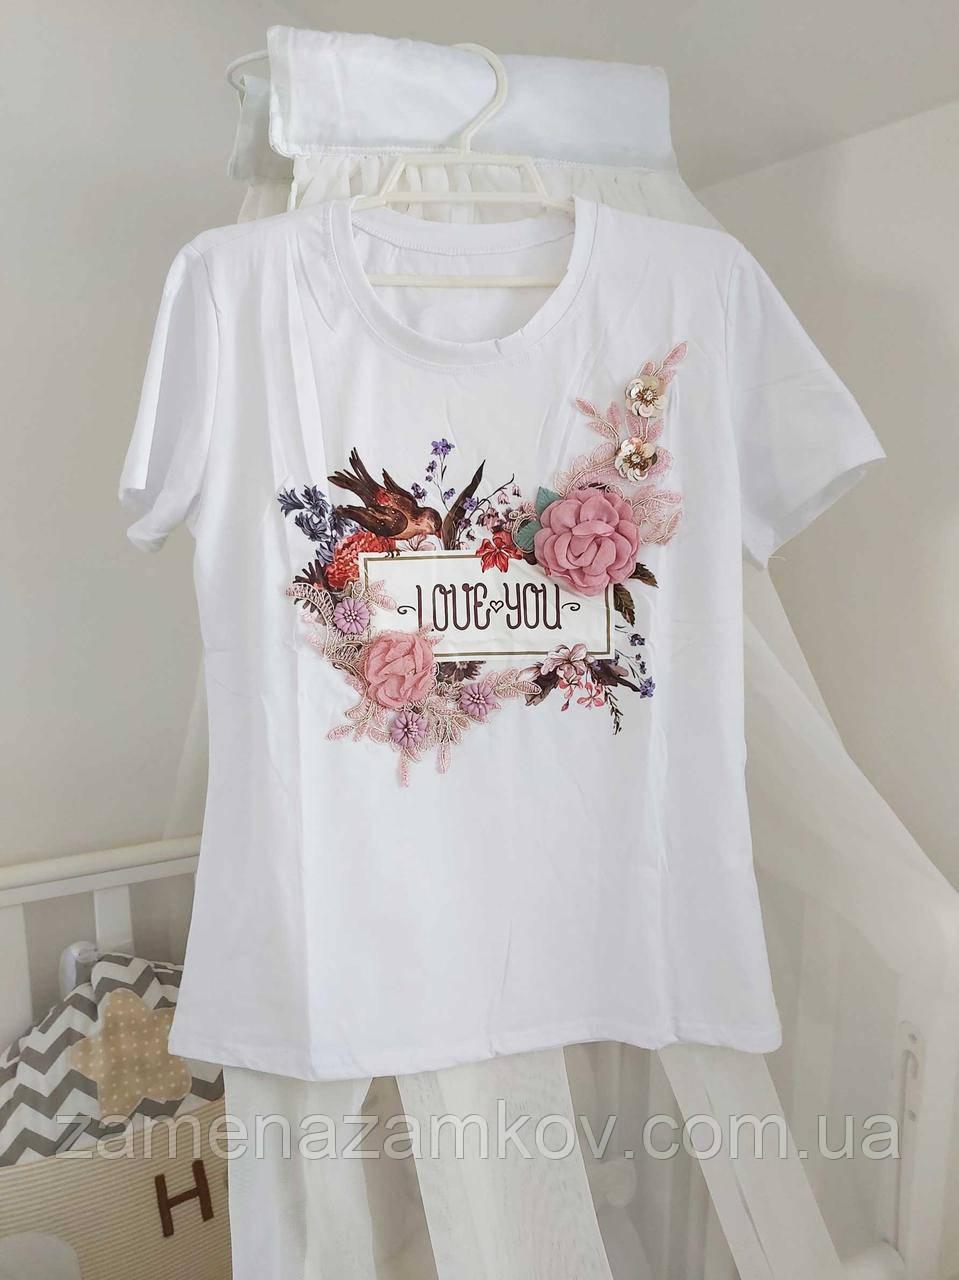 Красивая футболка разм 42-46 с украшением 3Д цветами стильная 2020